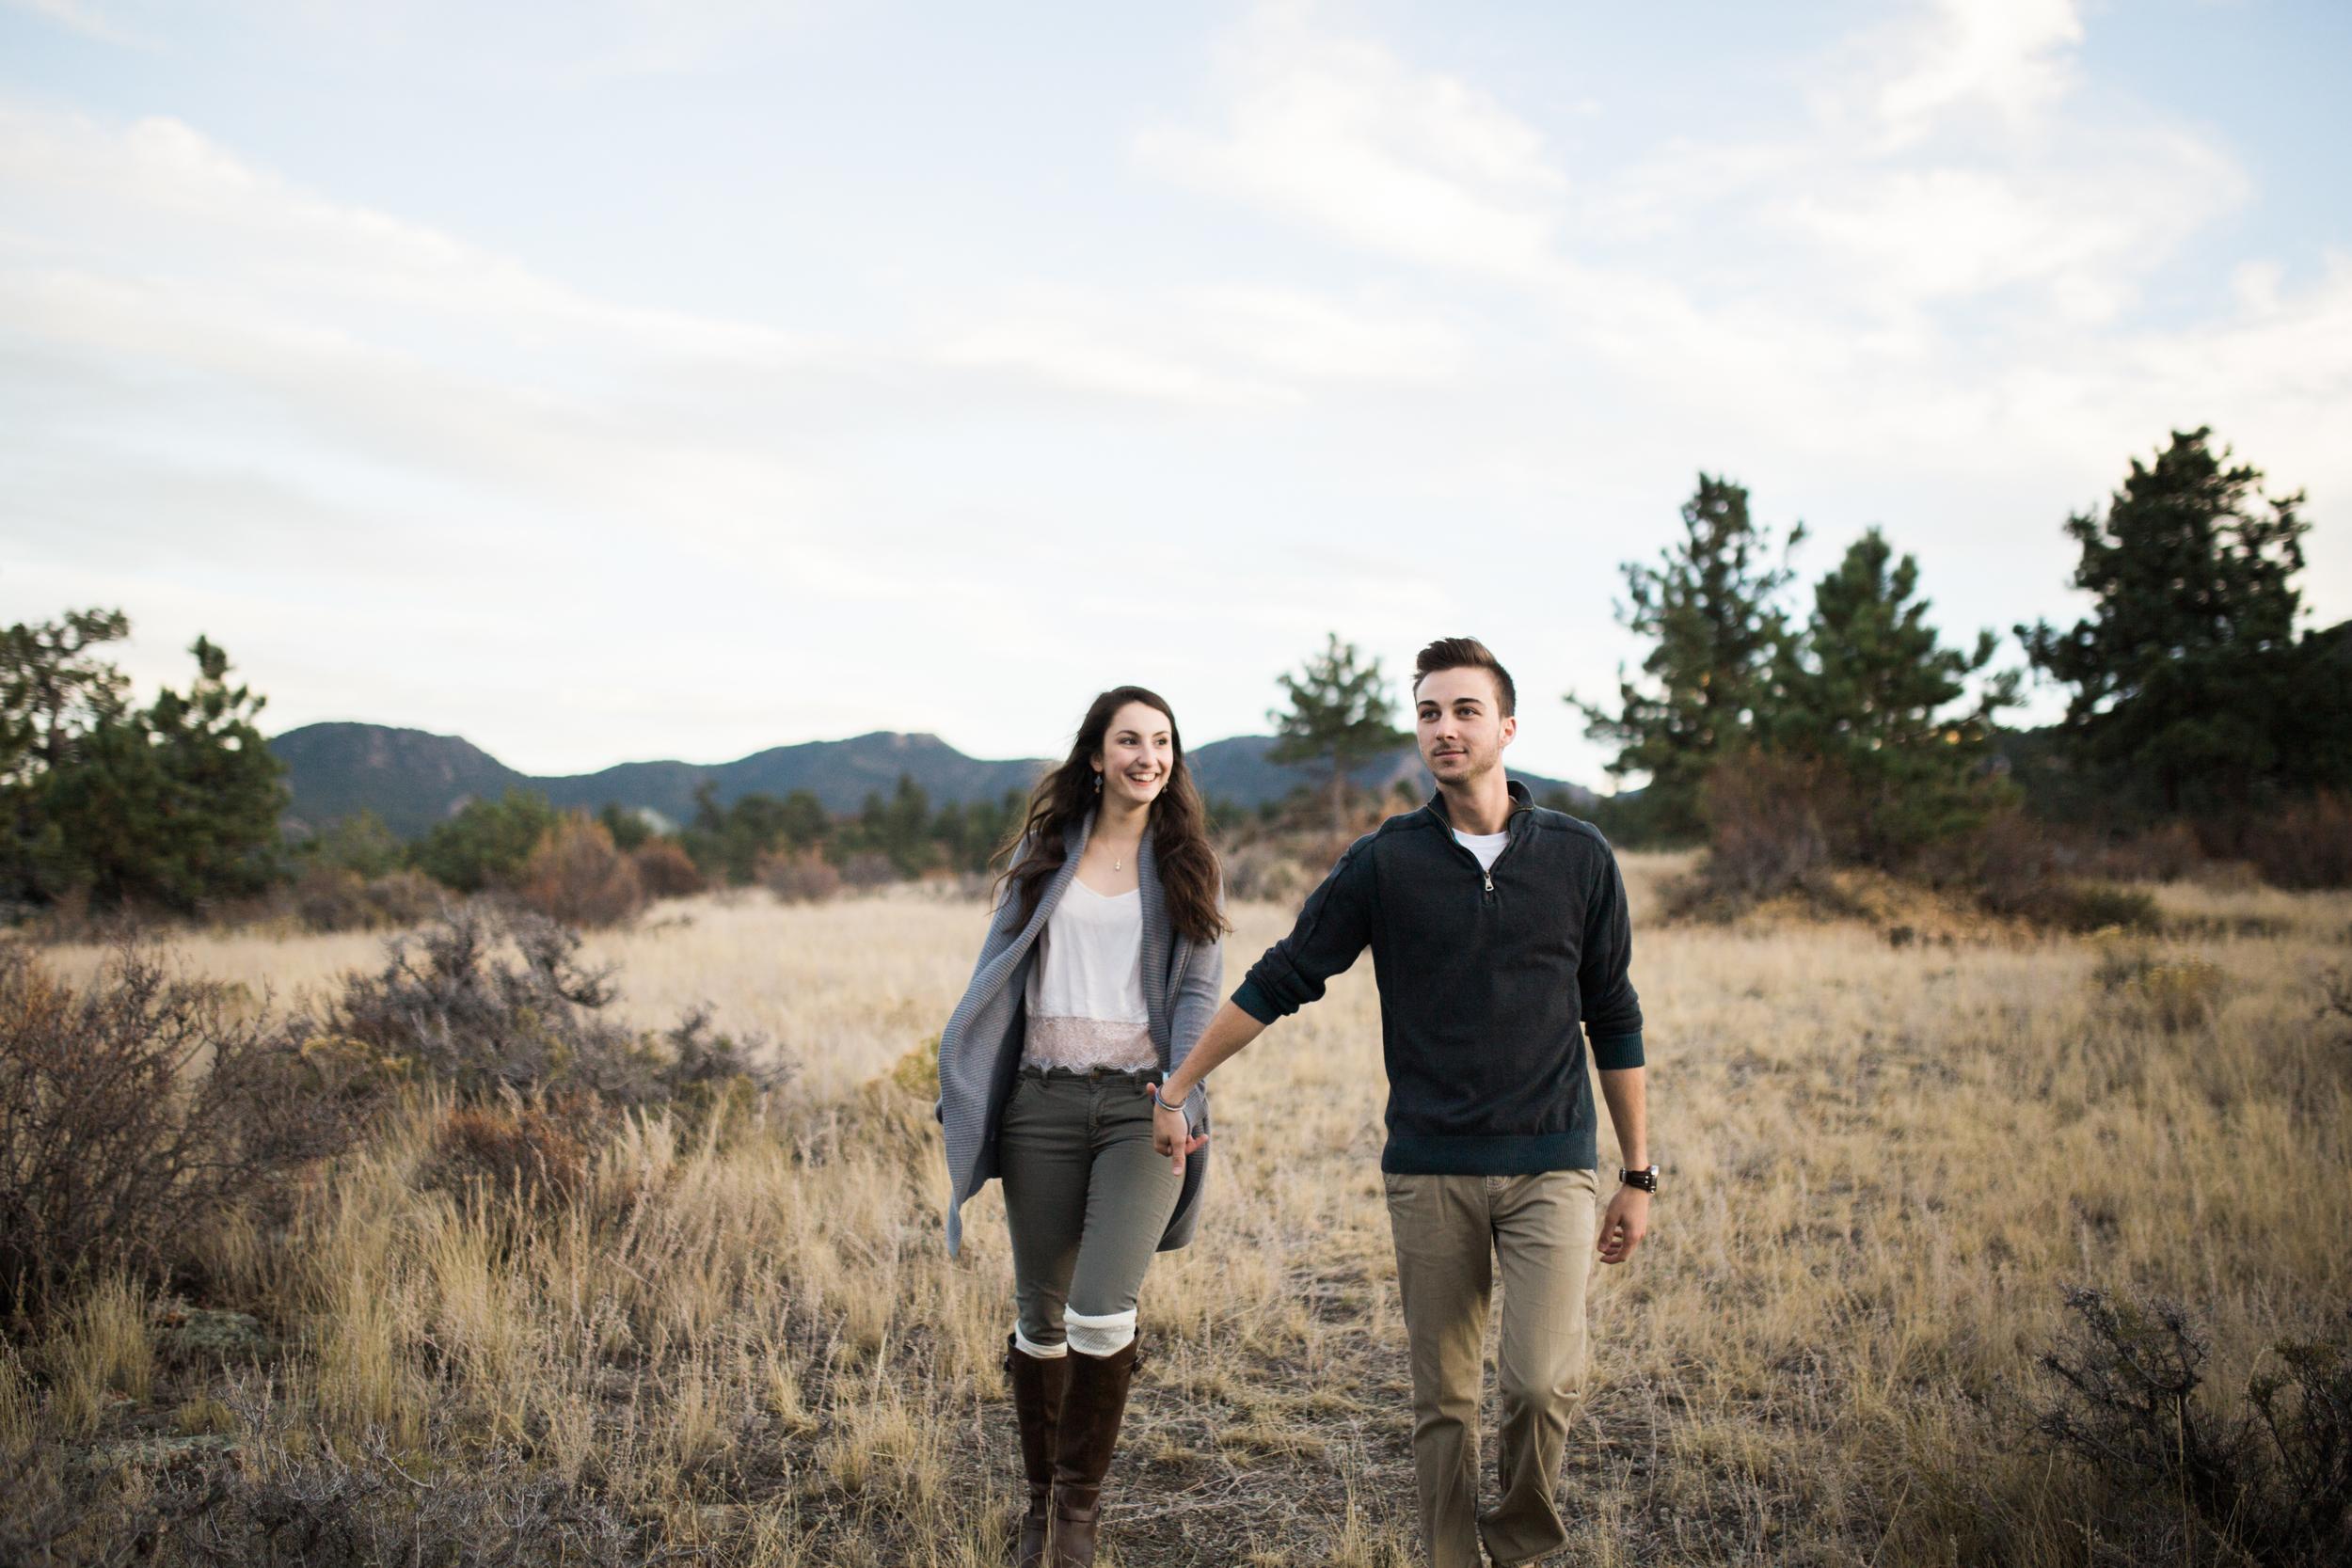 young couple engagement photography Estes Park